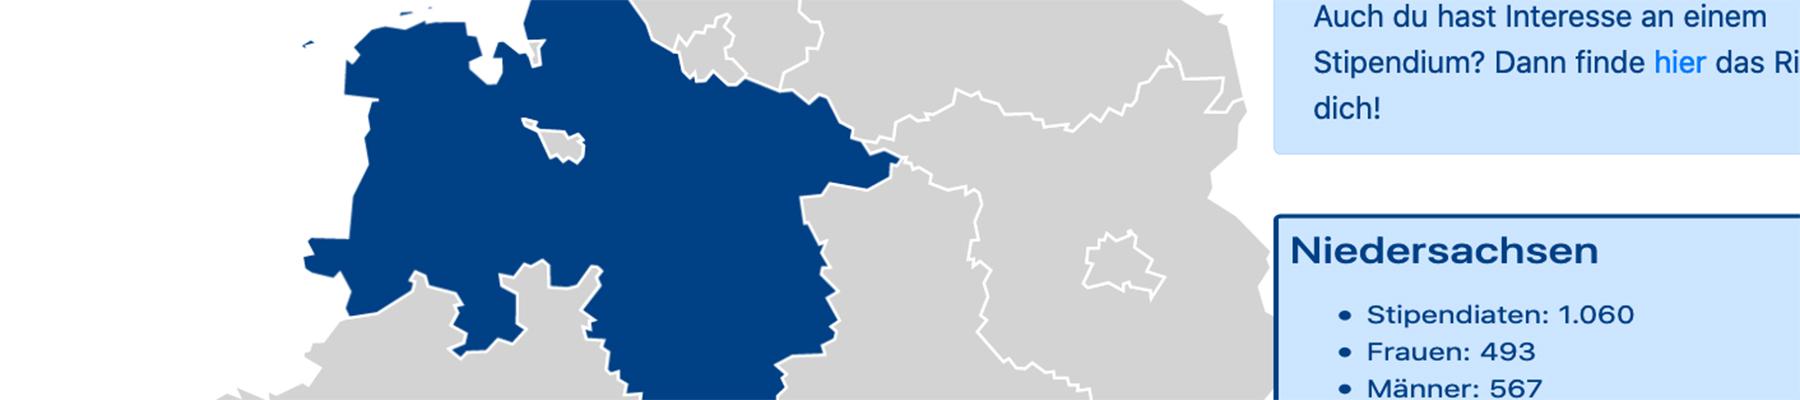 Interaktive Karte: Stipendiaten an Hochschulen